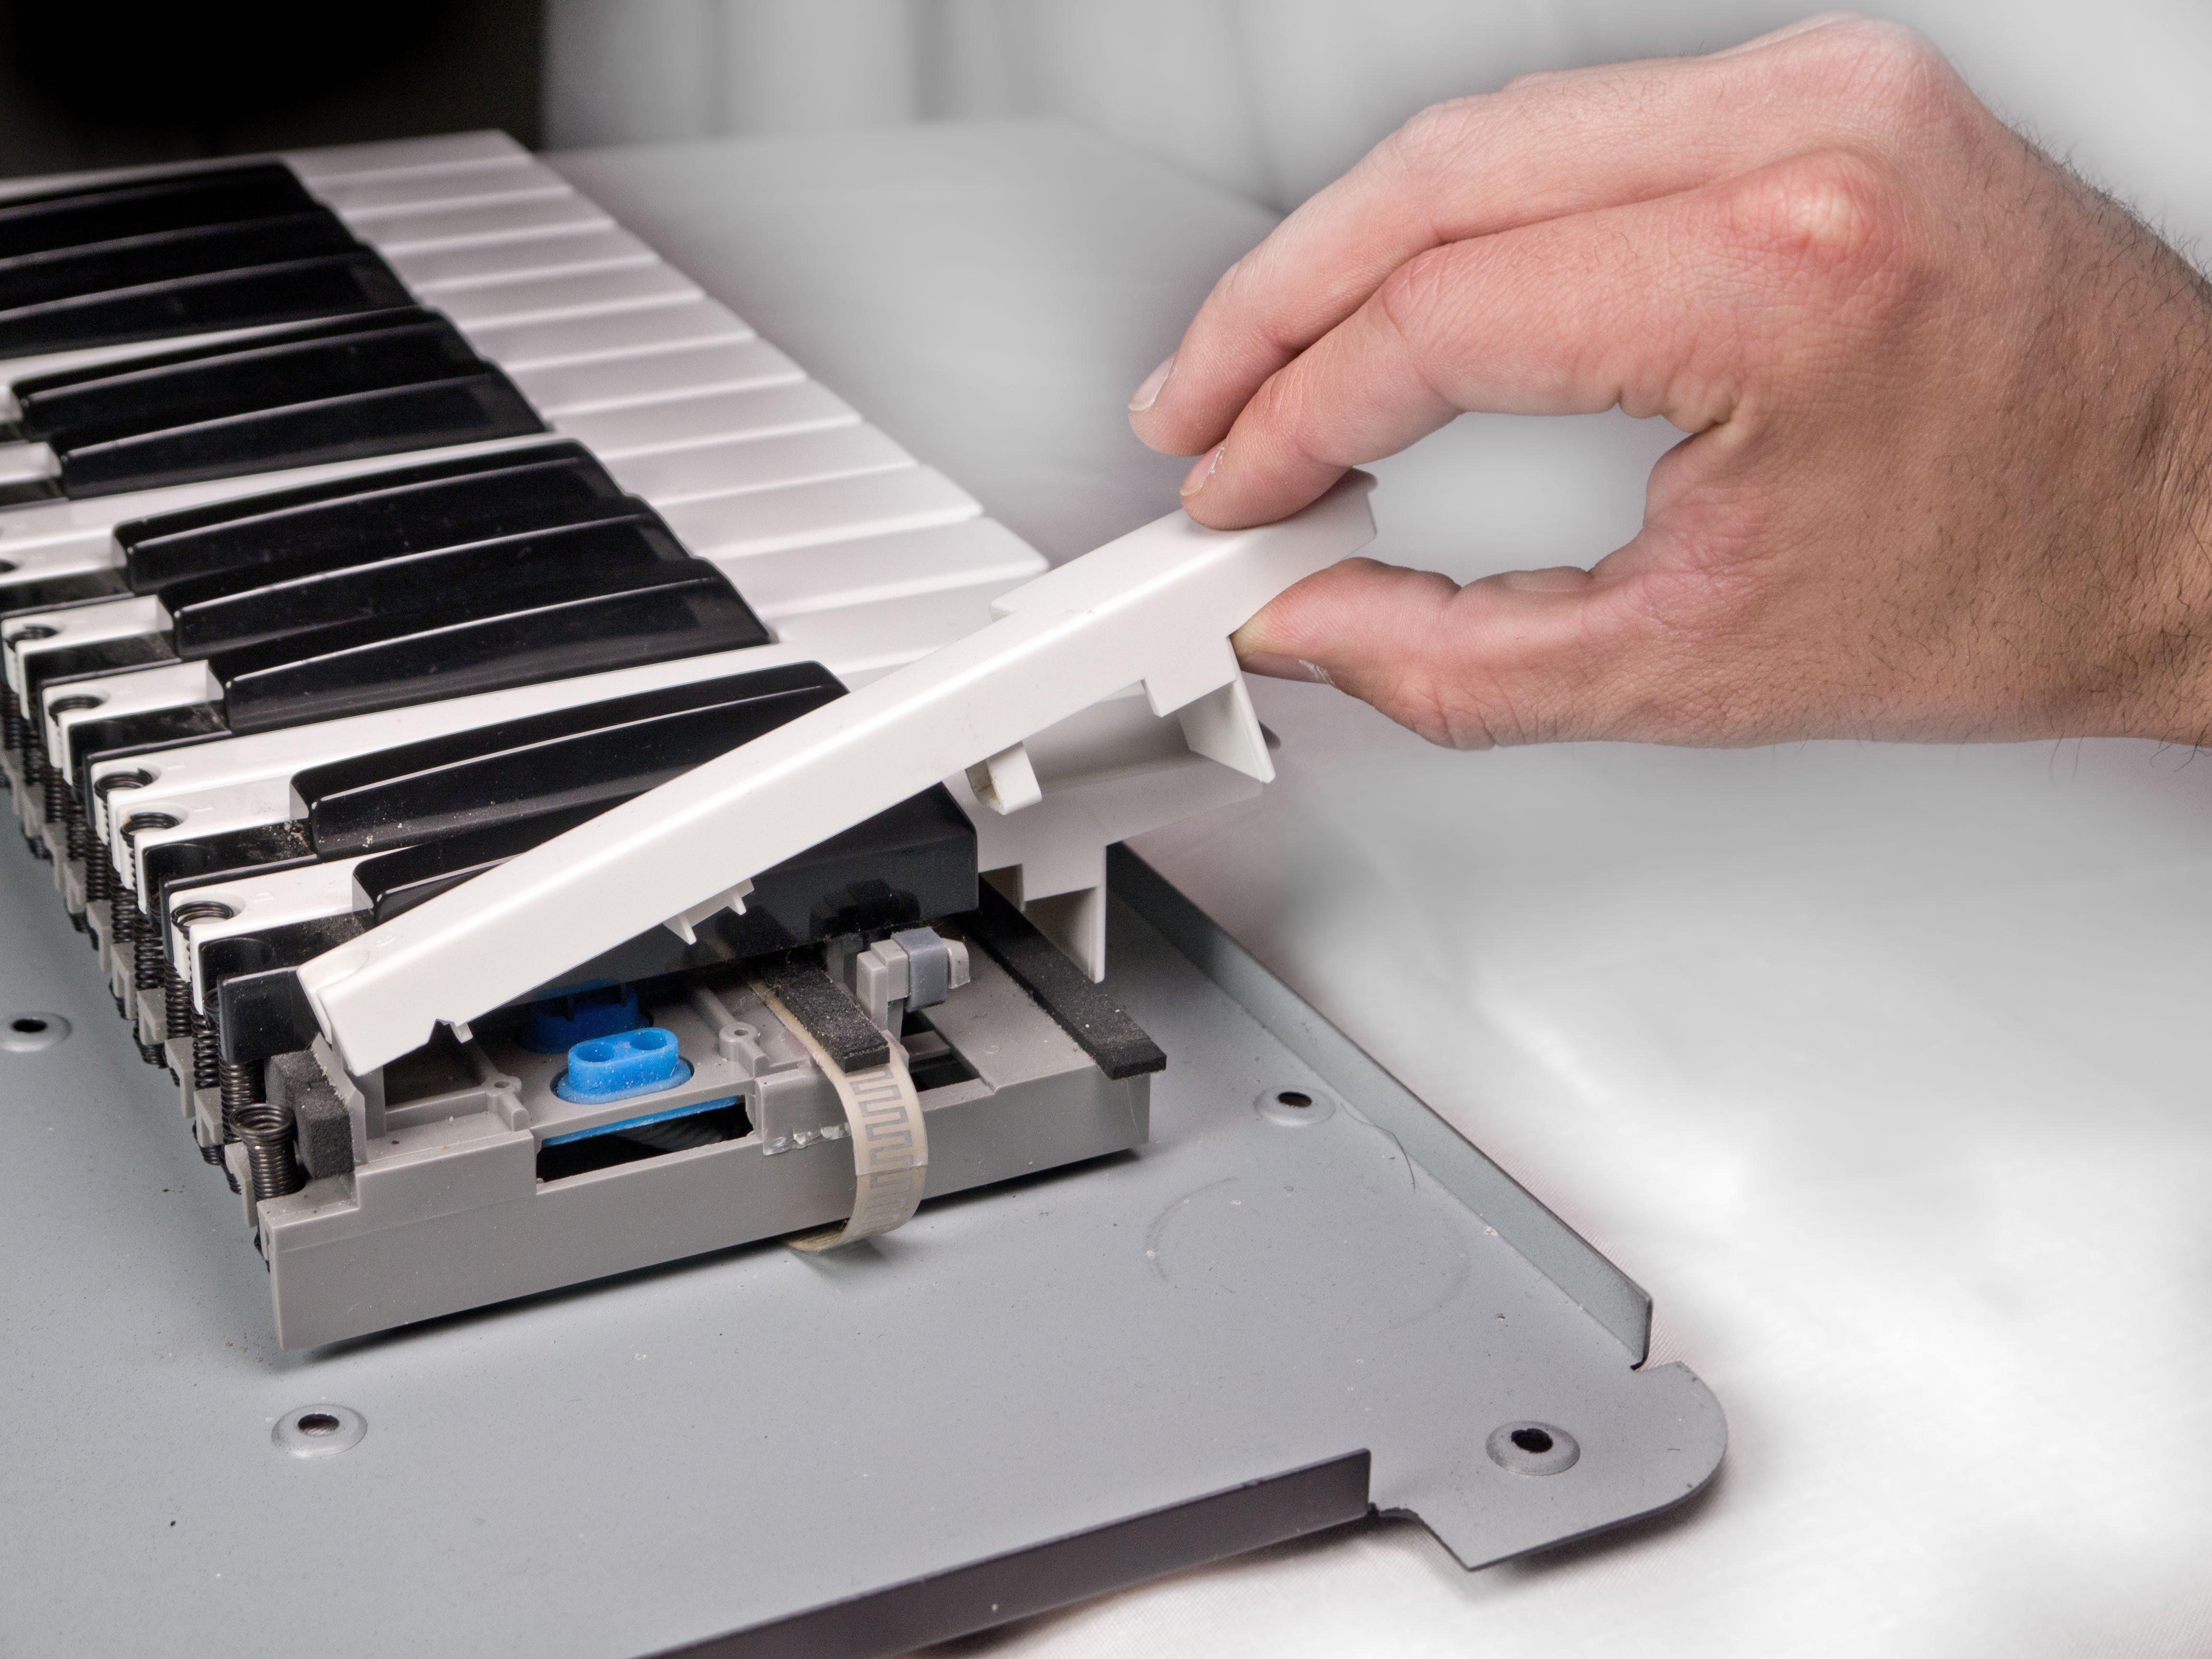 Akai MPK25 Keys Replacement - iFixit Repair Guide